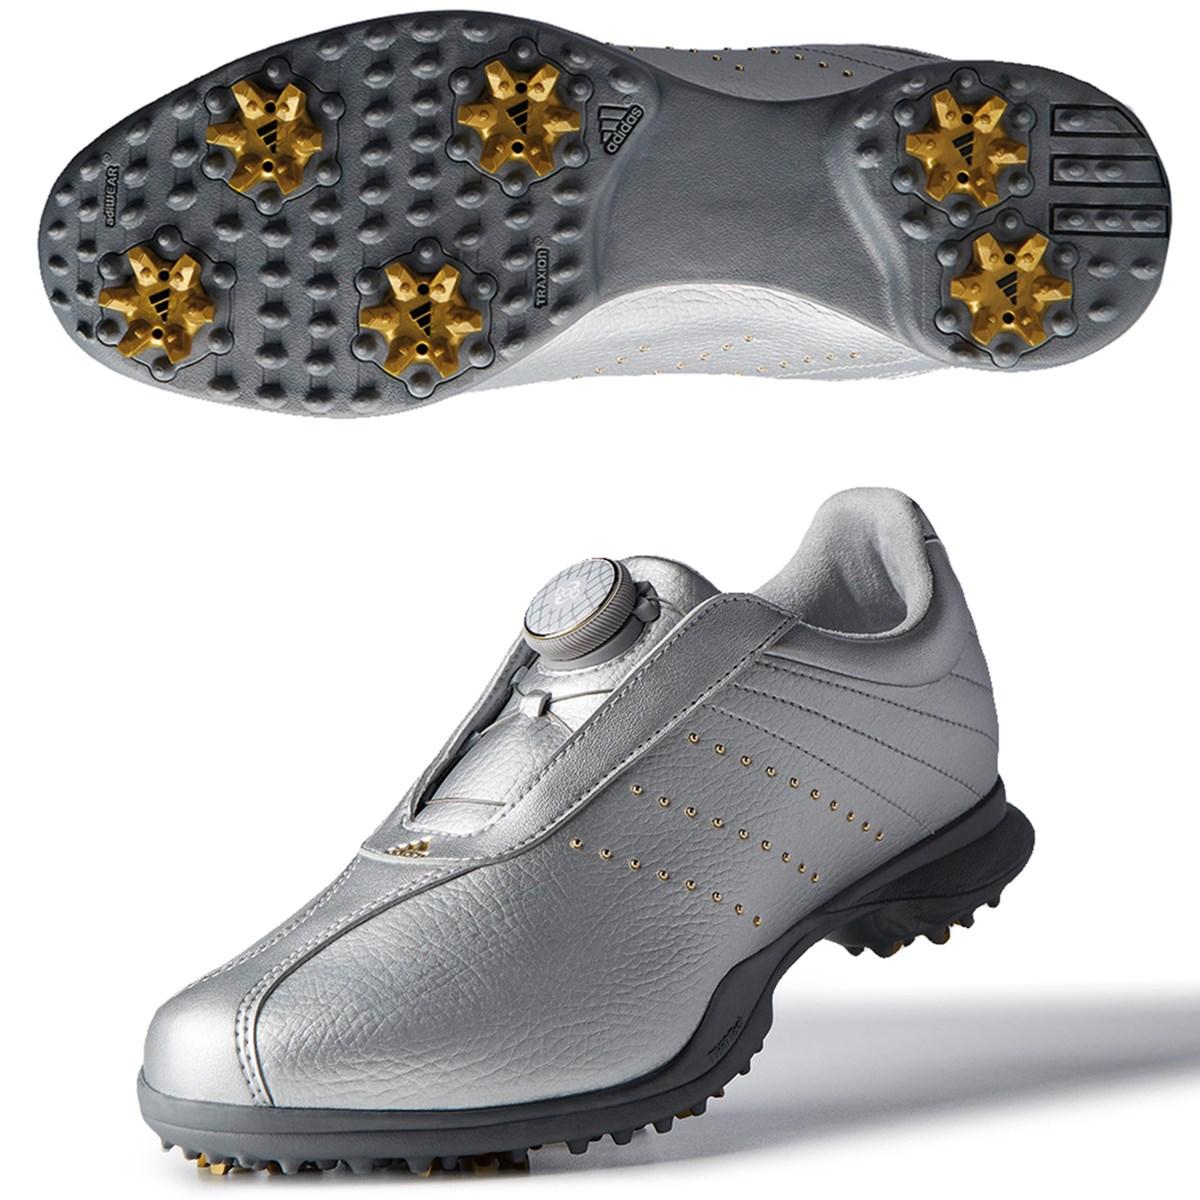 アディダス(adidas) ドライバー ボア 2.0シューズレディス